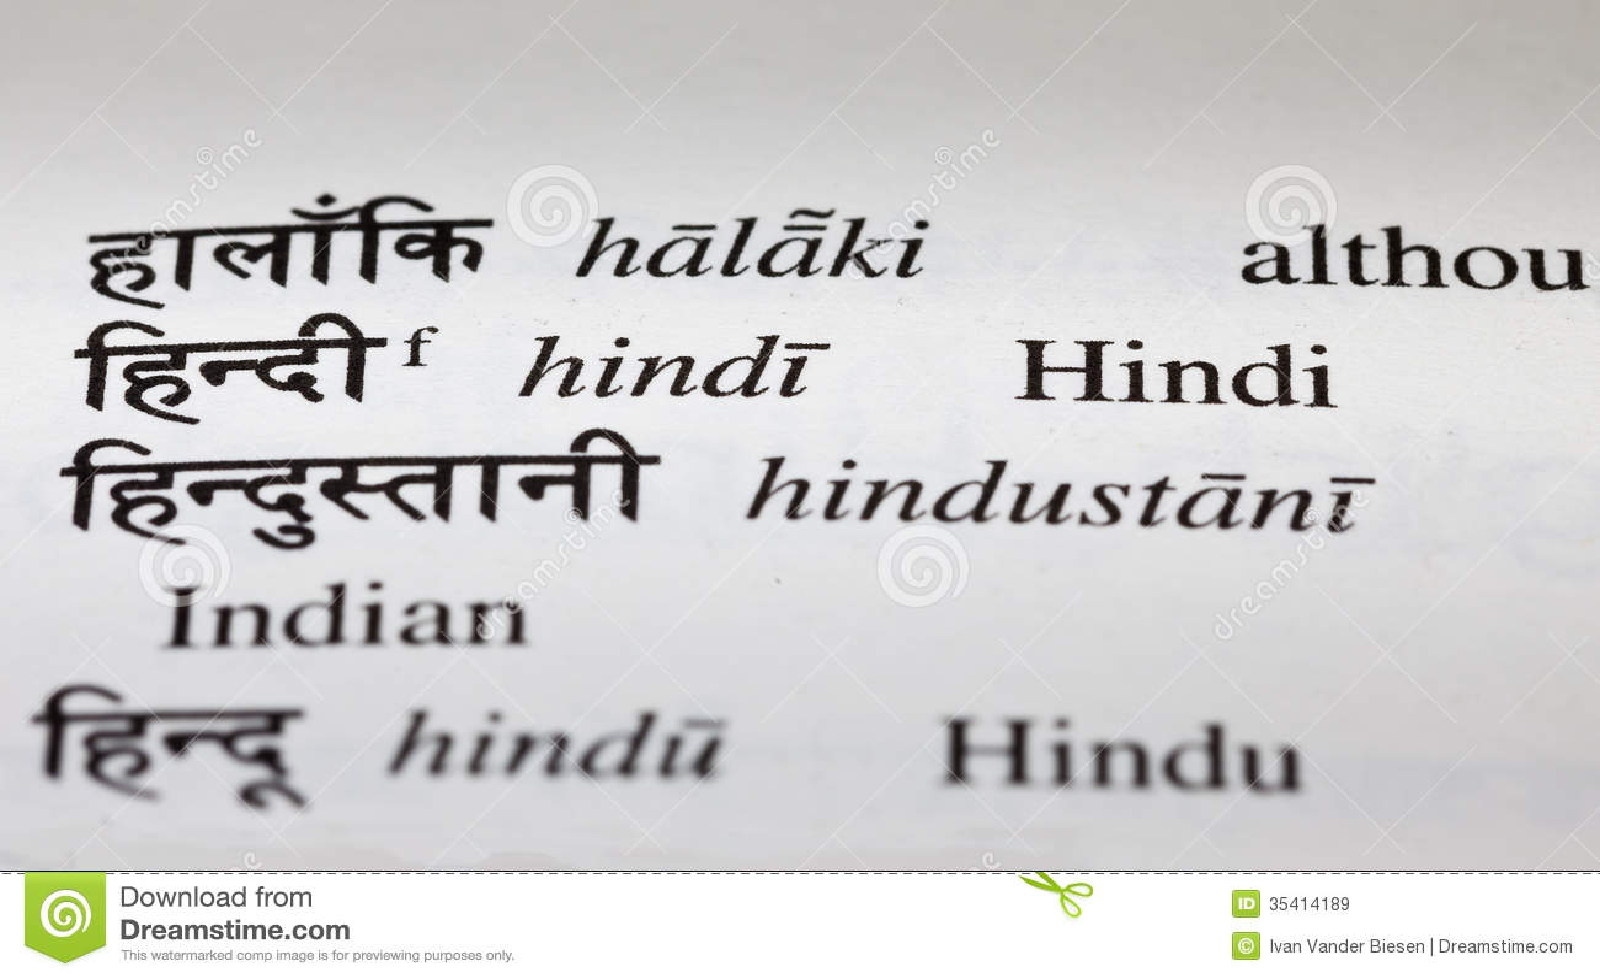 Hindi In Hindi Dictionary Royalty Free Stock Images